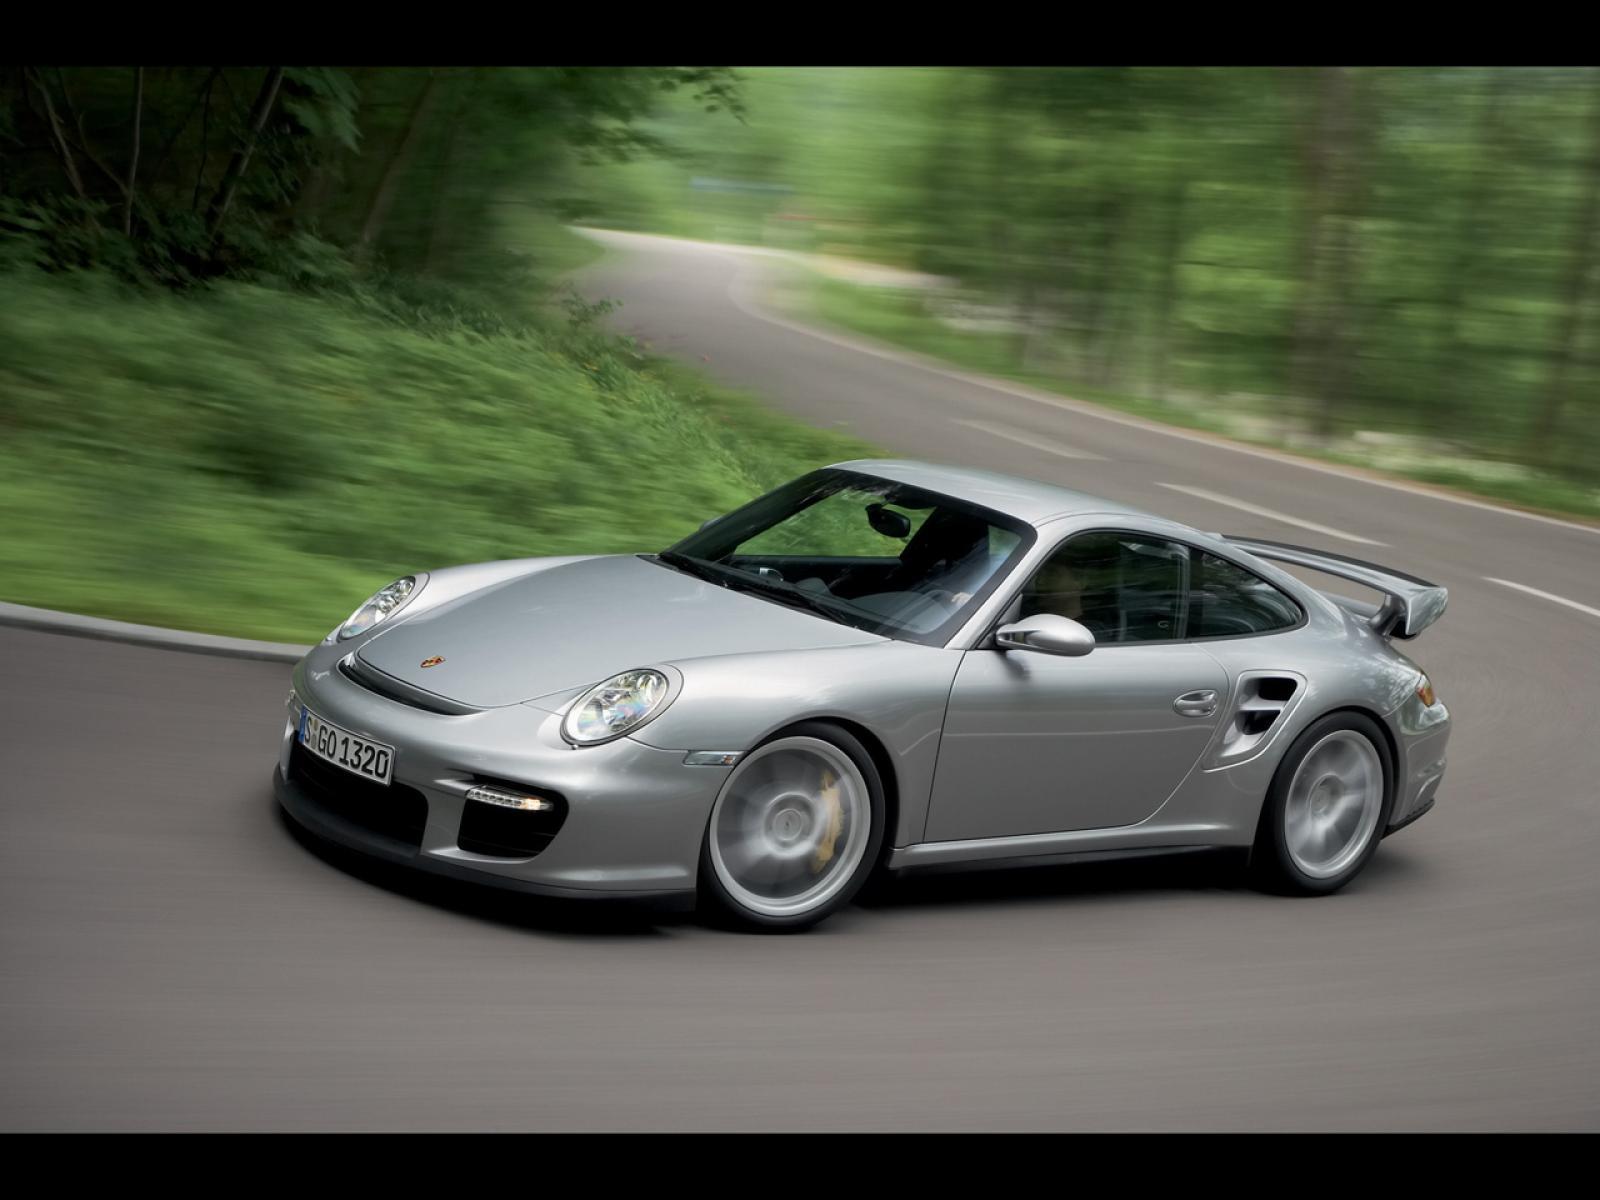 2008-porsche-911-11 Stunning 2008 Porsche 911 Gt2 Horsepower Cars Trend